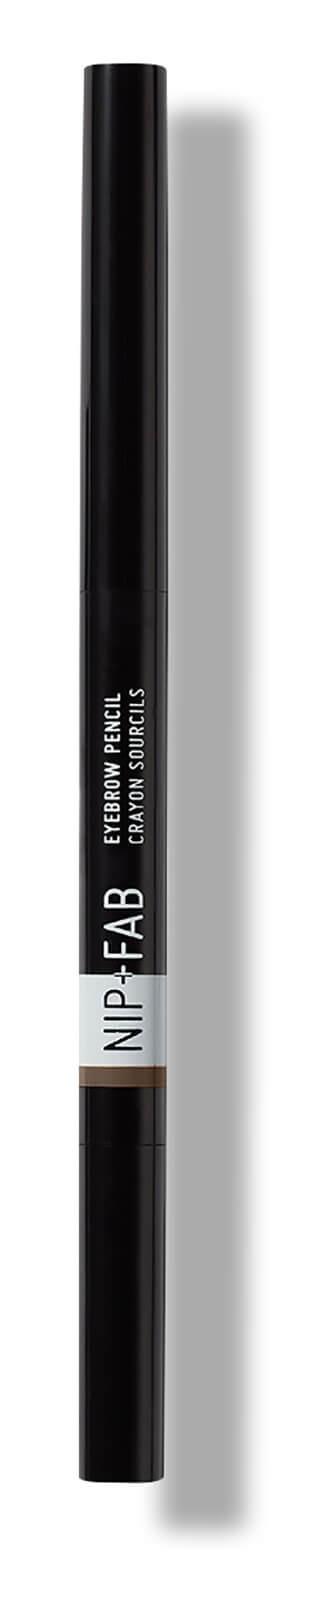 Nip + Fab Make Up Eyebrow Pencil